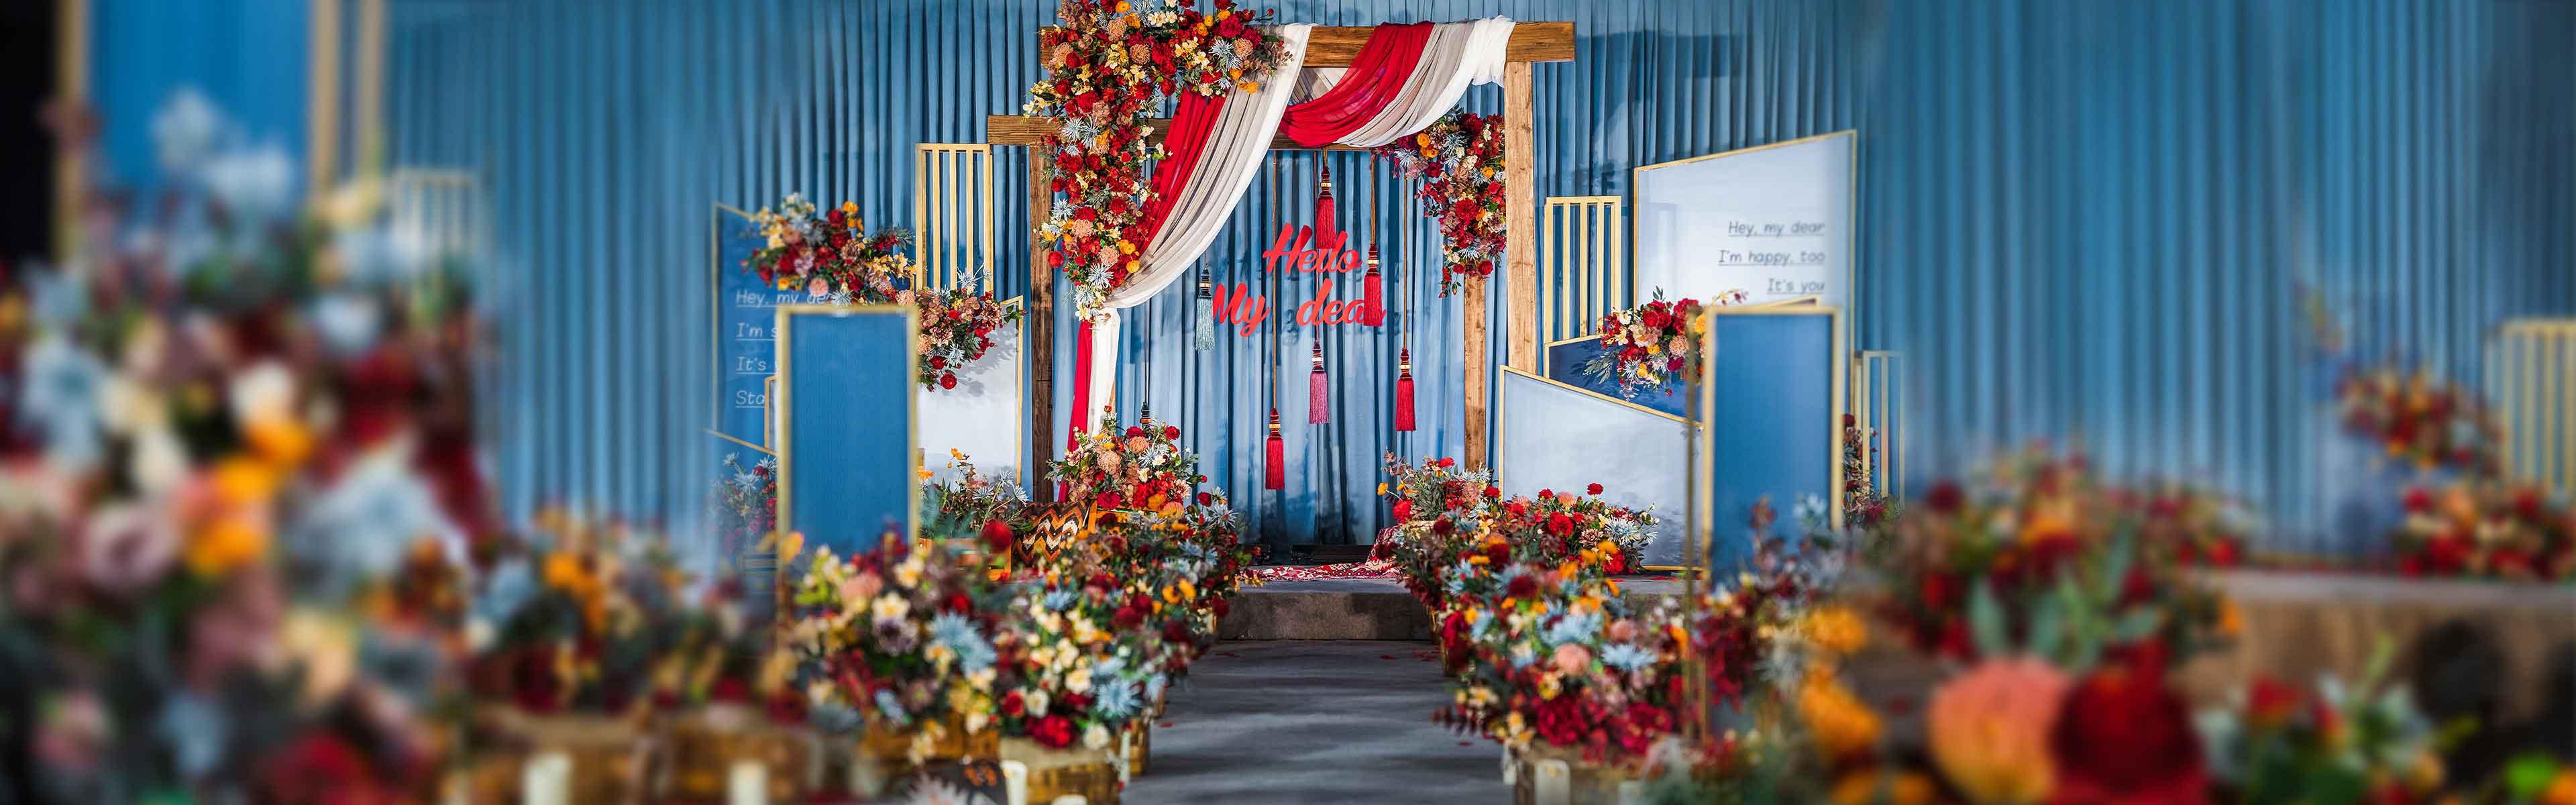 津市婚庆策划案例:最美婚礼 年度 | 河南 郑州